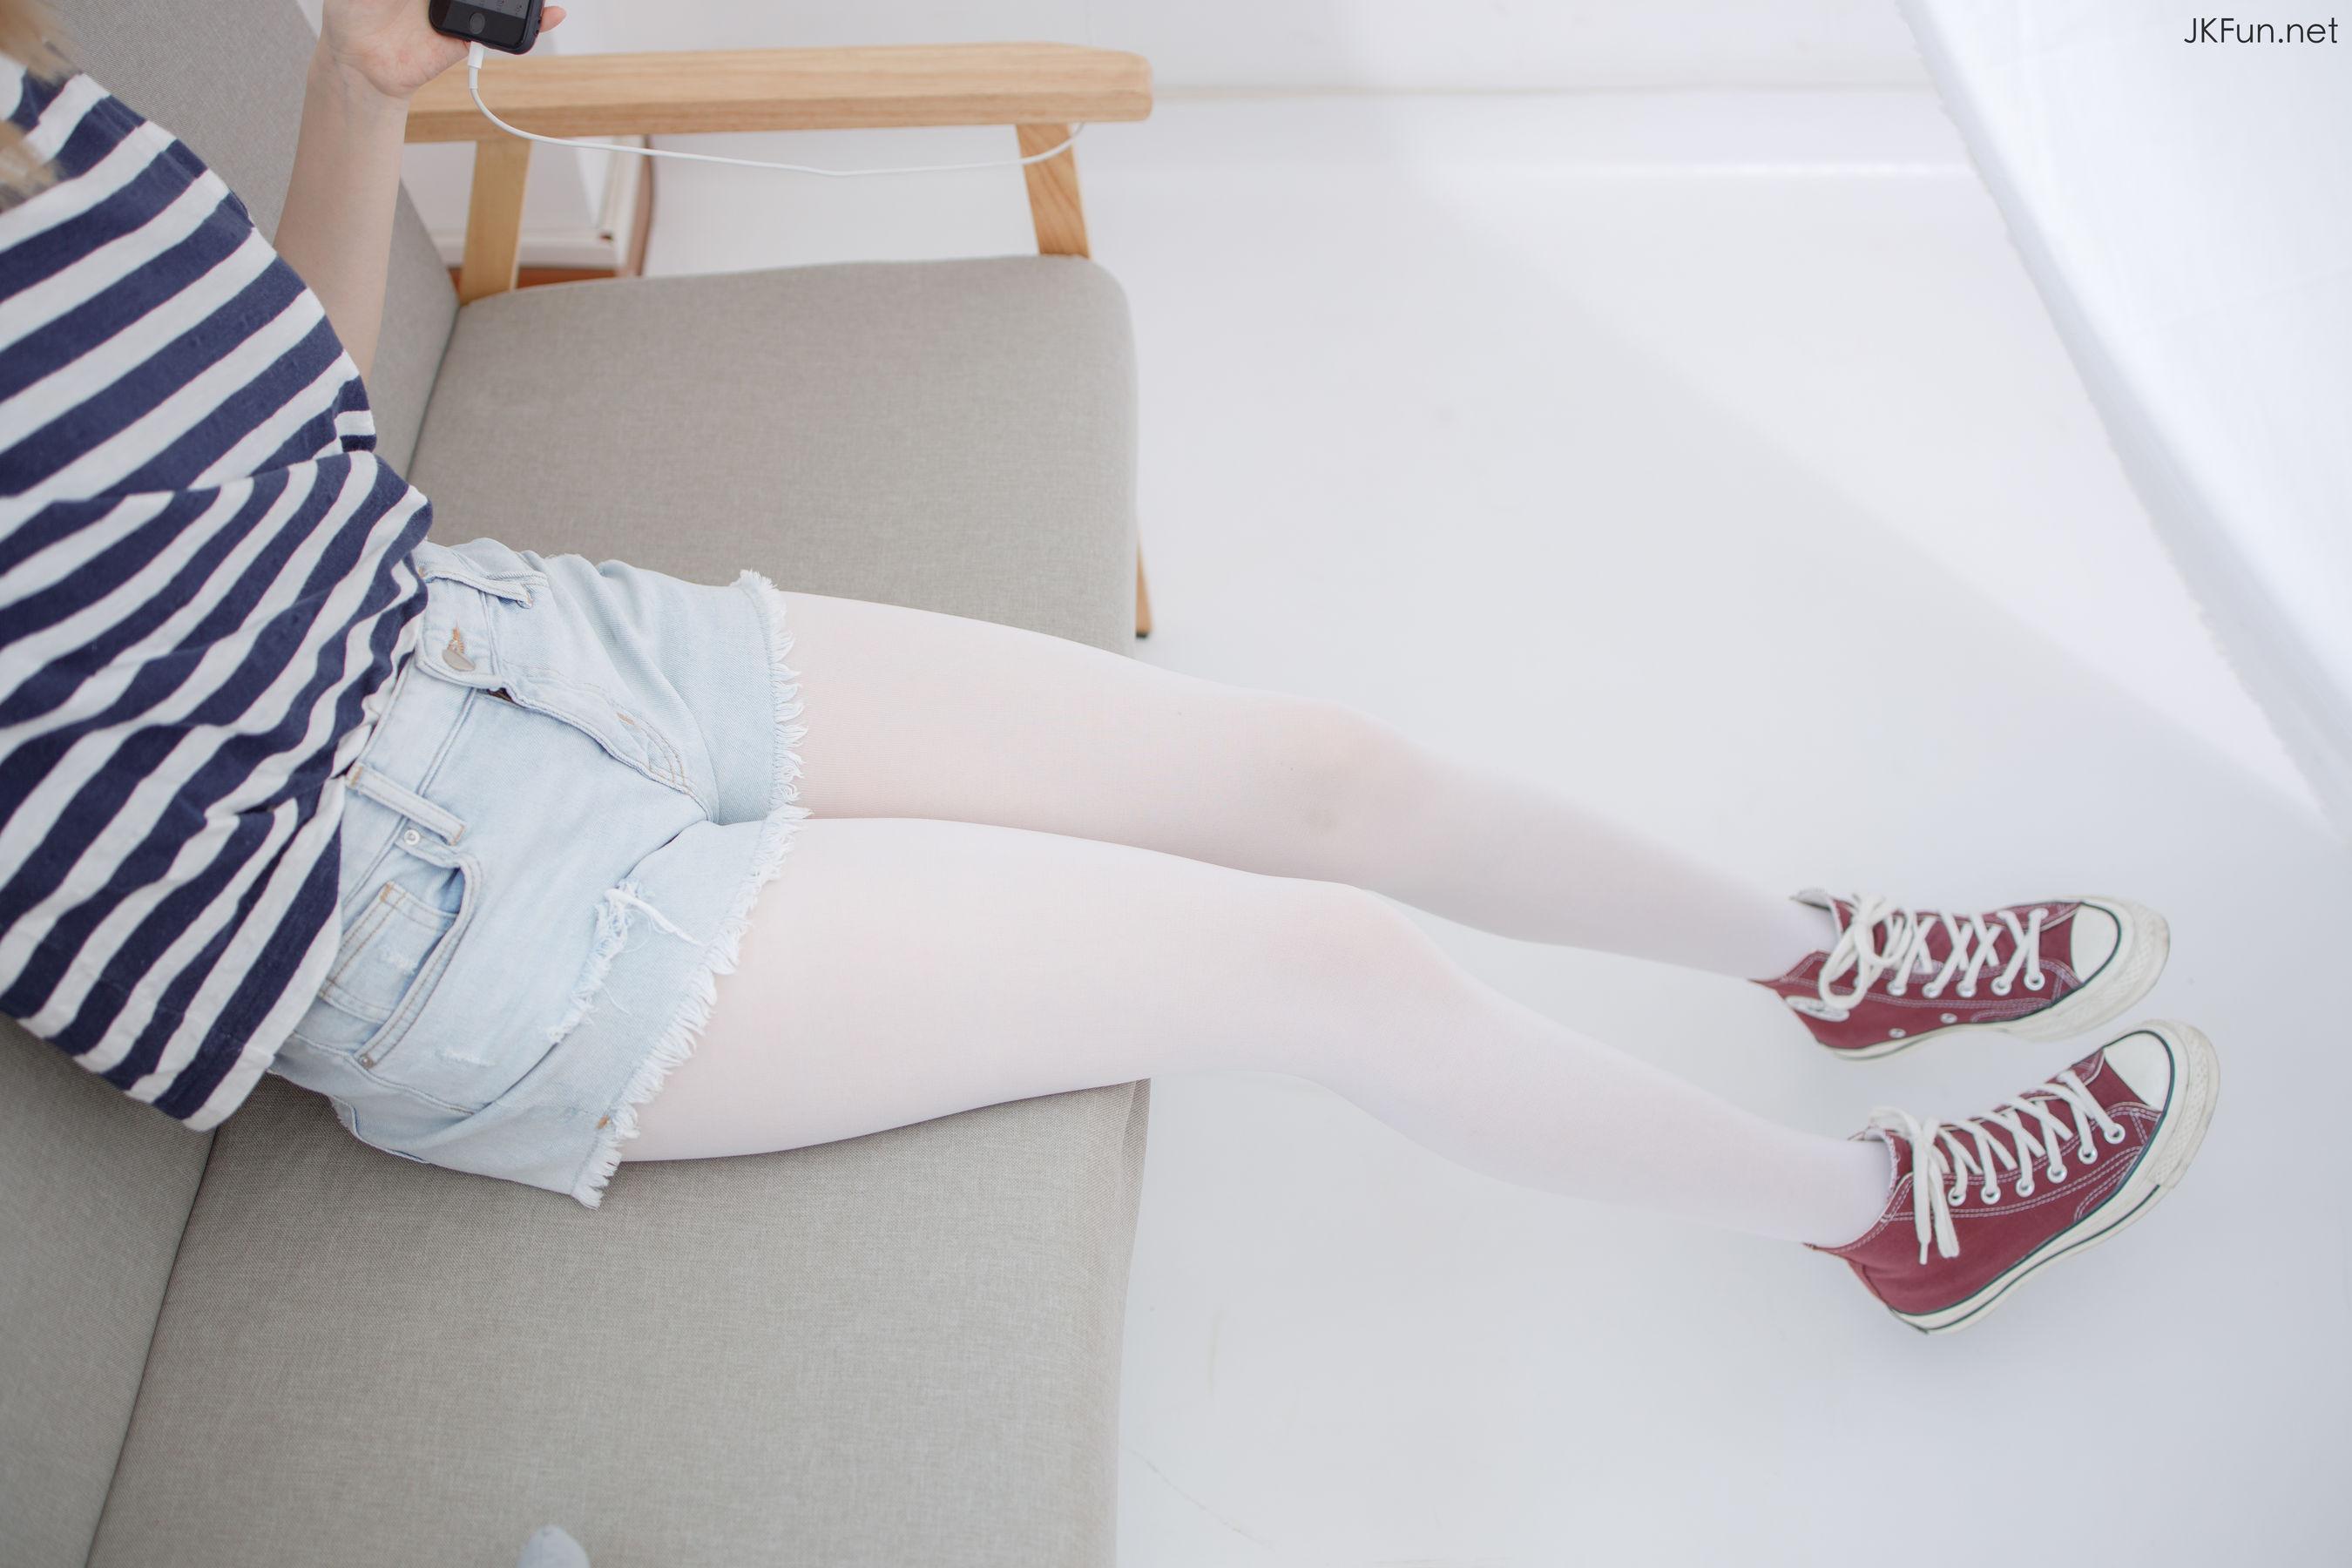 [网络美女] 网络美女 80D白丝 高清写真套图